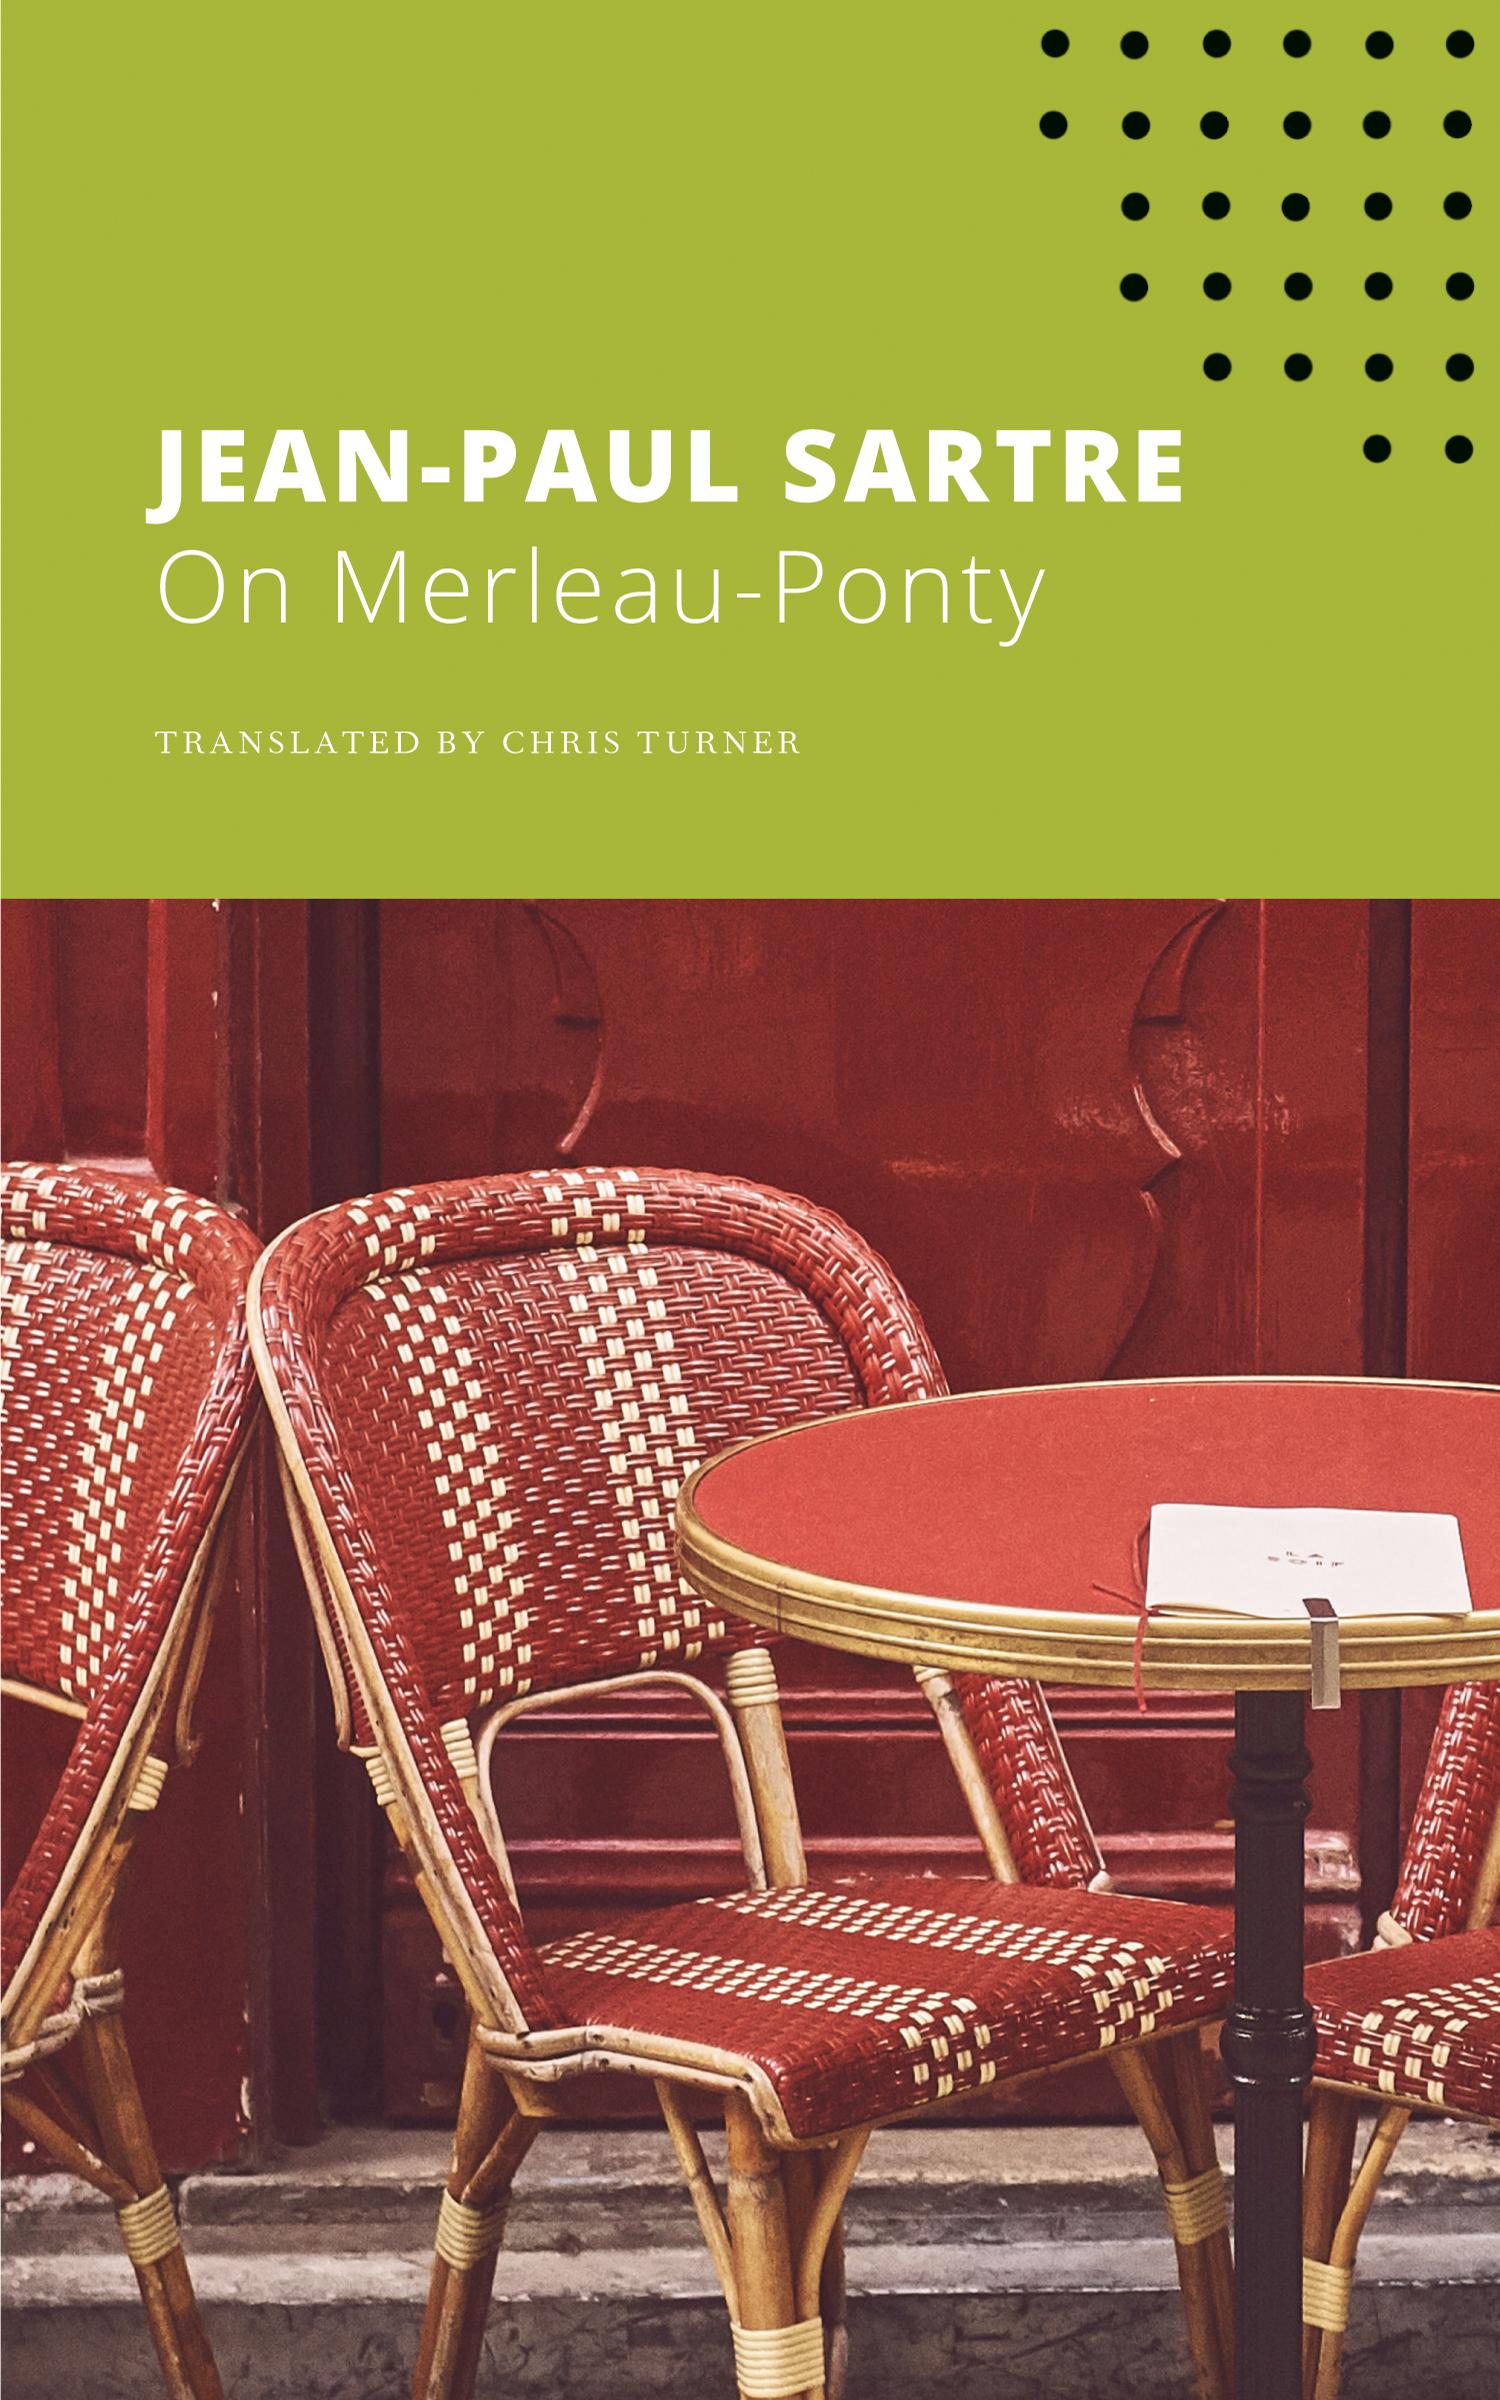 On Merleau-Ponty by Jean-Paul Sartre   Seagull Books